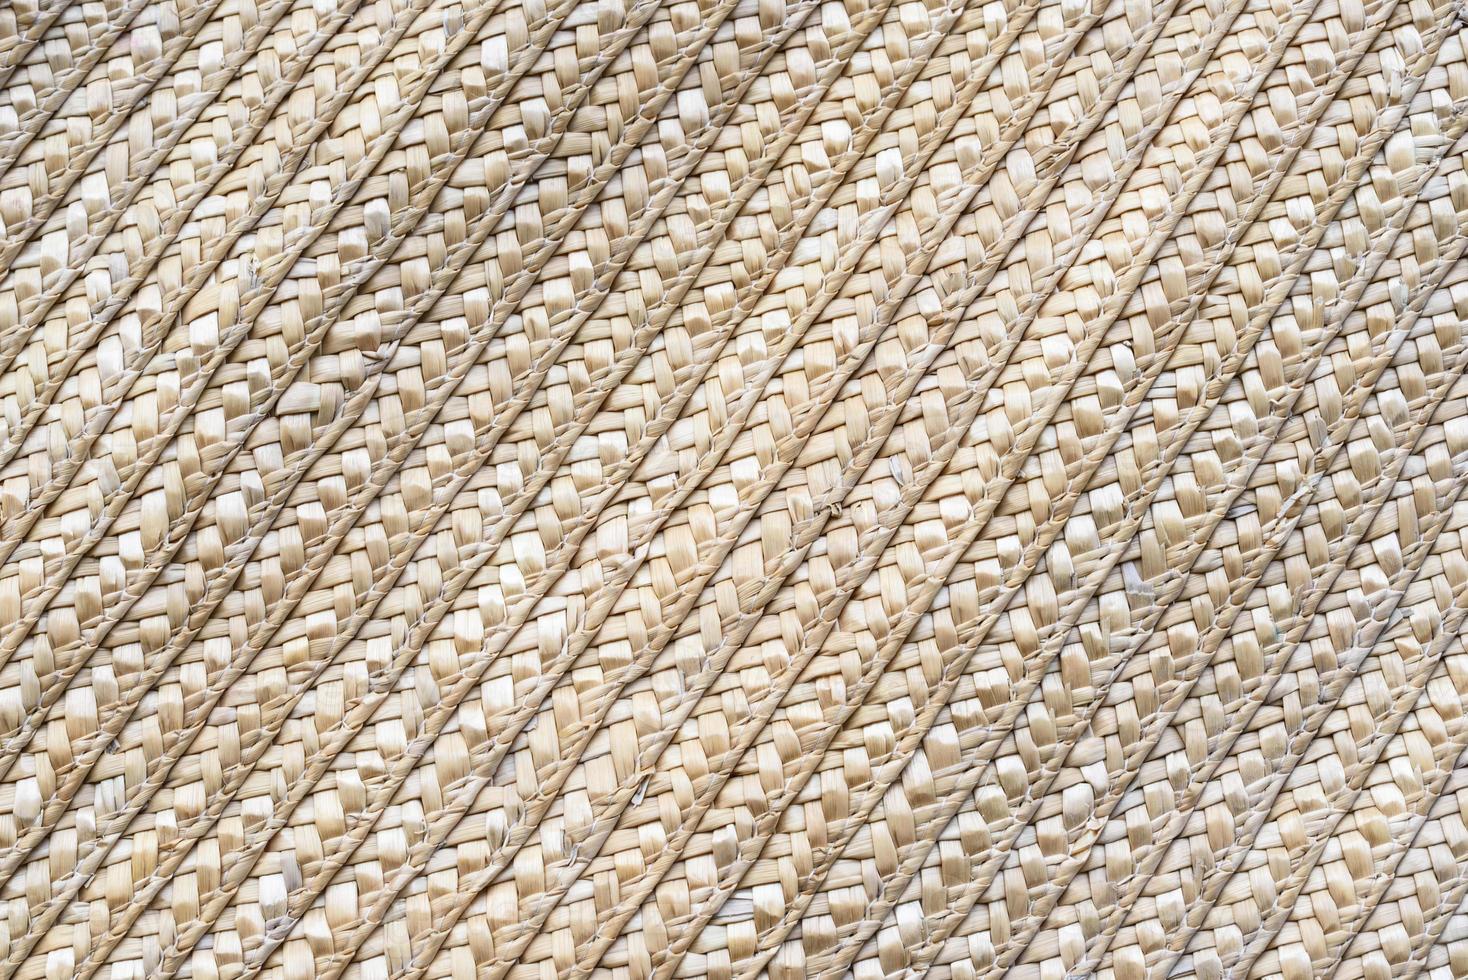 textura de vime foto